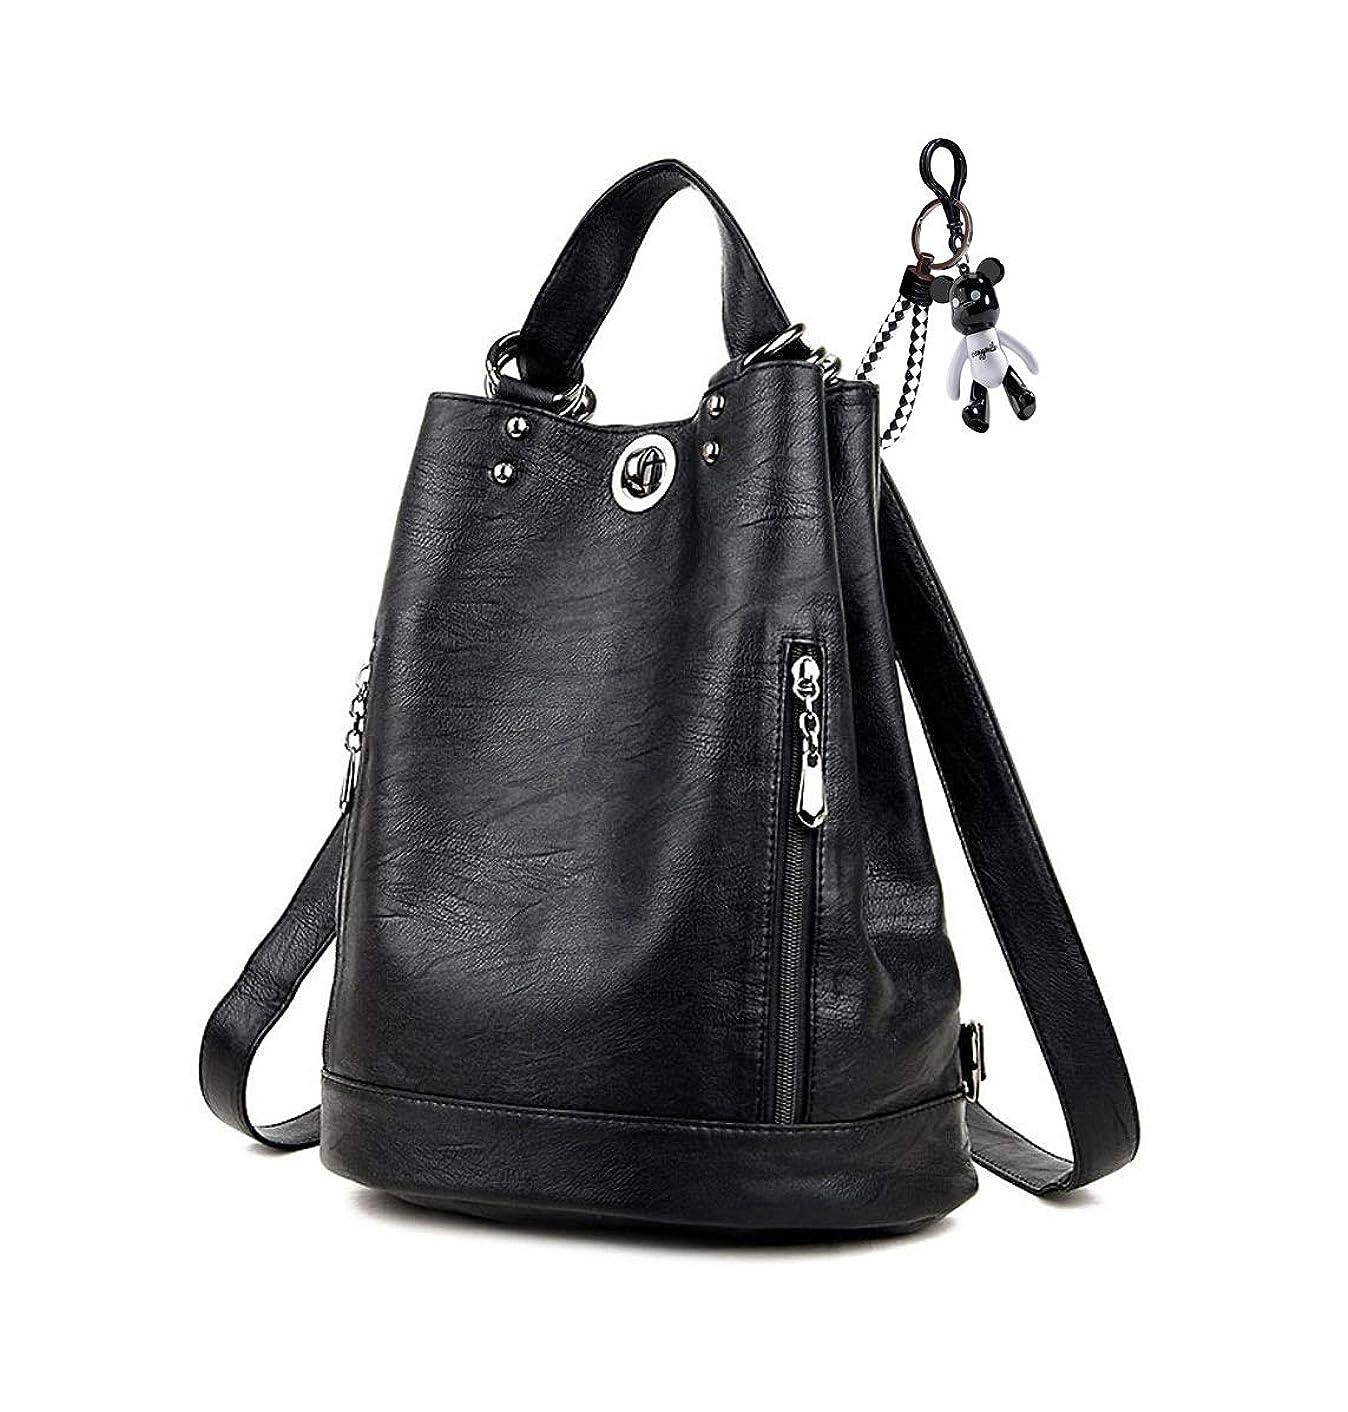 性能穏やかな早いAINUOEY レディース リュック ミニ バックパック PUレザー ポシェット Mini Rucksack Pack Bag for Women